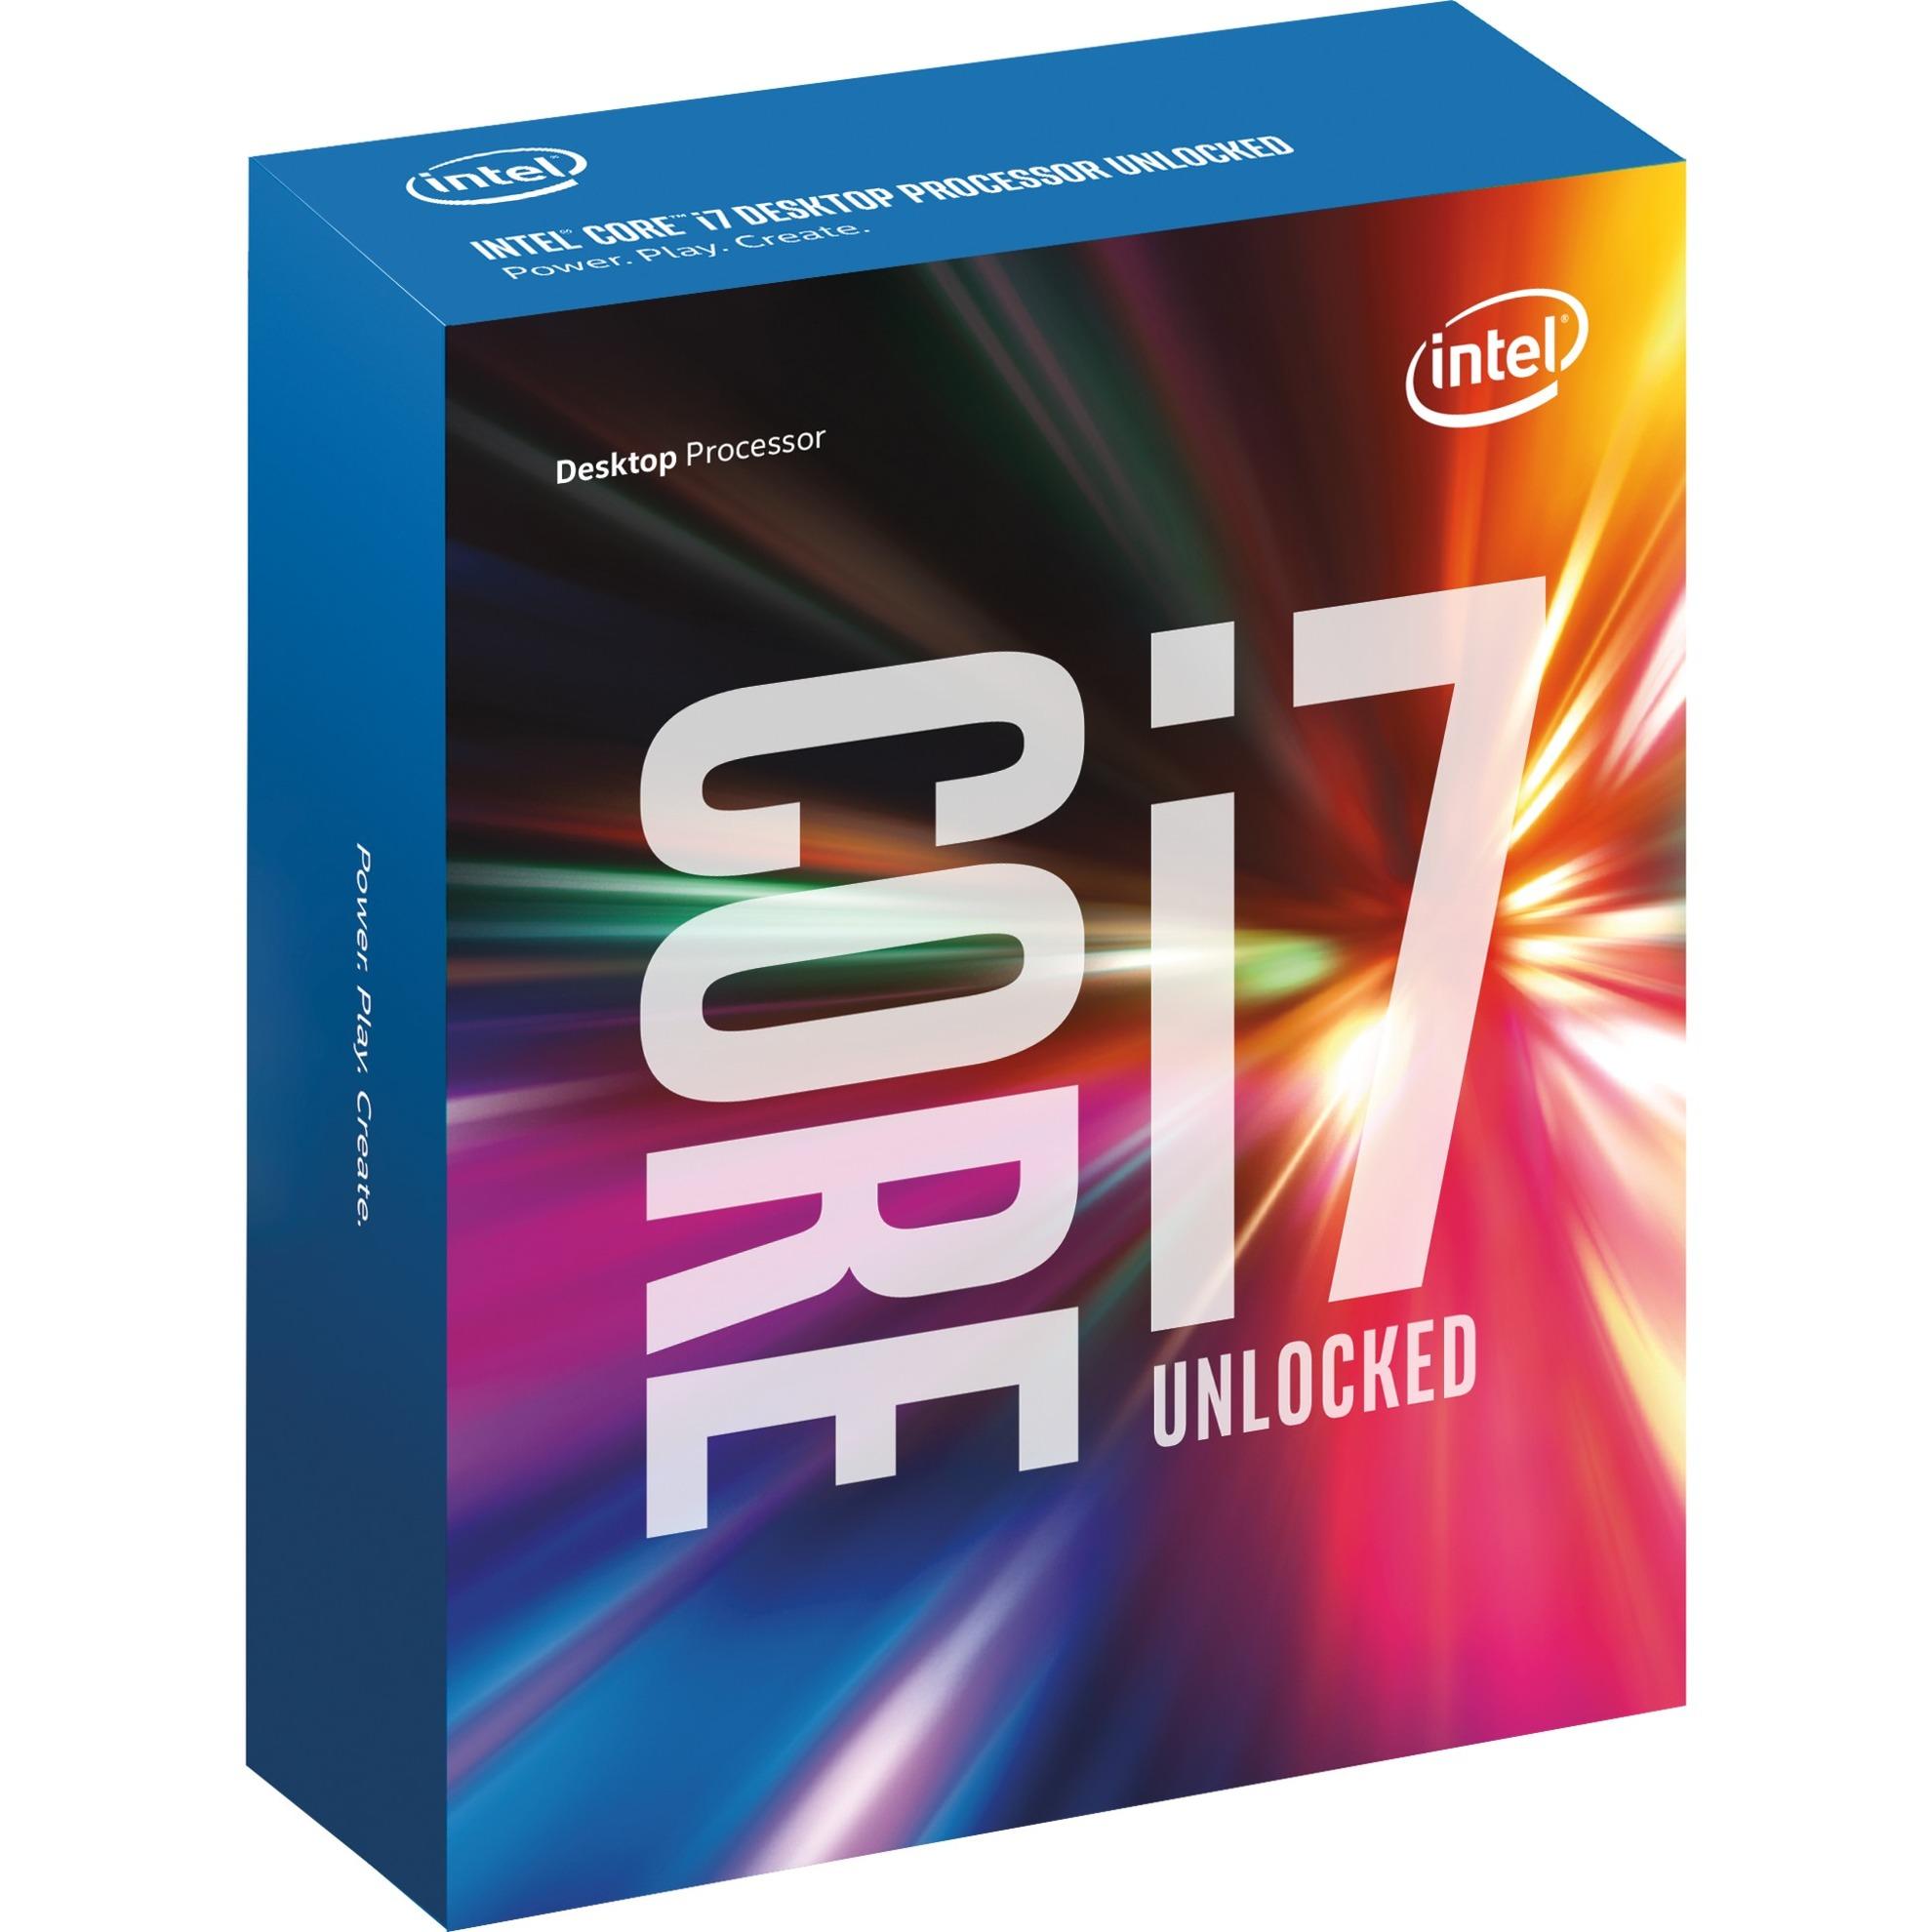 Core i7-6700K Skylake 4.0 GHz (4.2 GHz Turbo Boost)